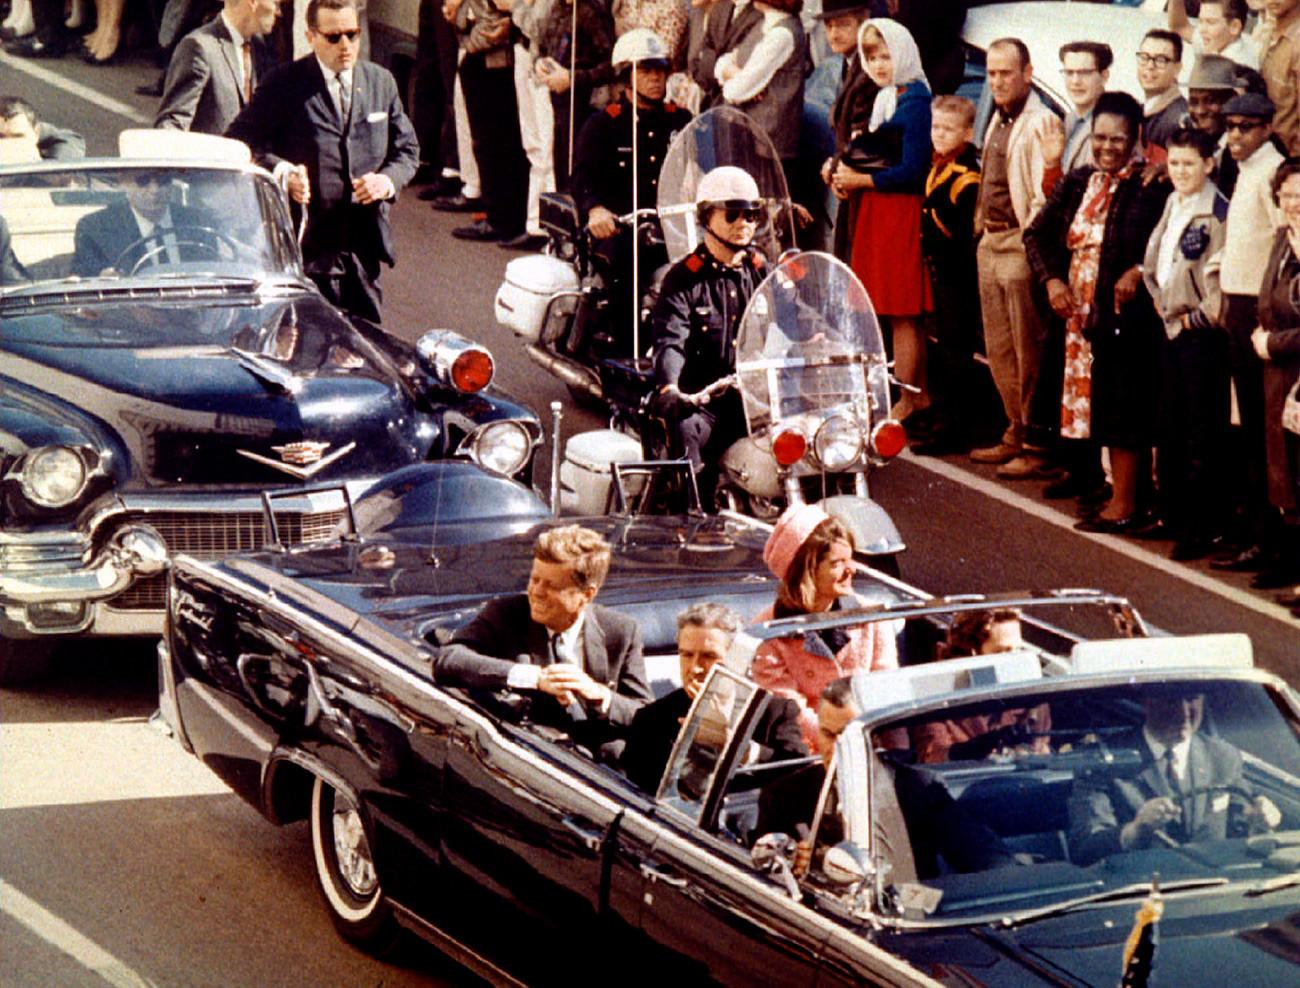 22. новембра 1993. године навршило се 30 година од убиства председника Џона Кенедија. Председник Џон Кенеди, прва дама и гувернер Тексаса Џон Конали возе се кроз Далас неколико тренутака пре атентата, 22. новембар 1963.